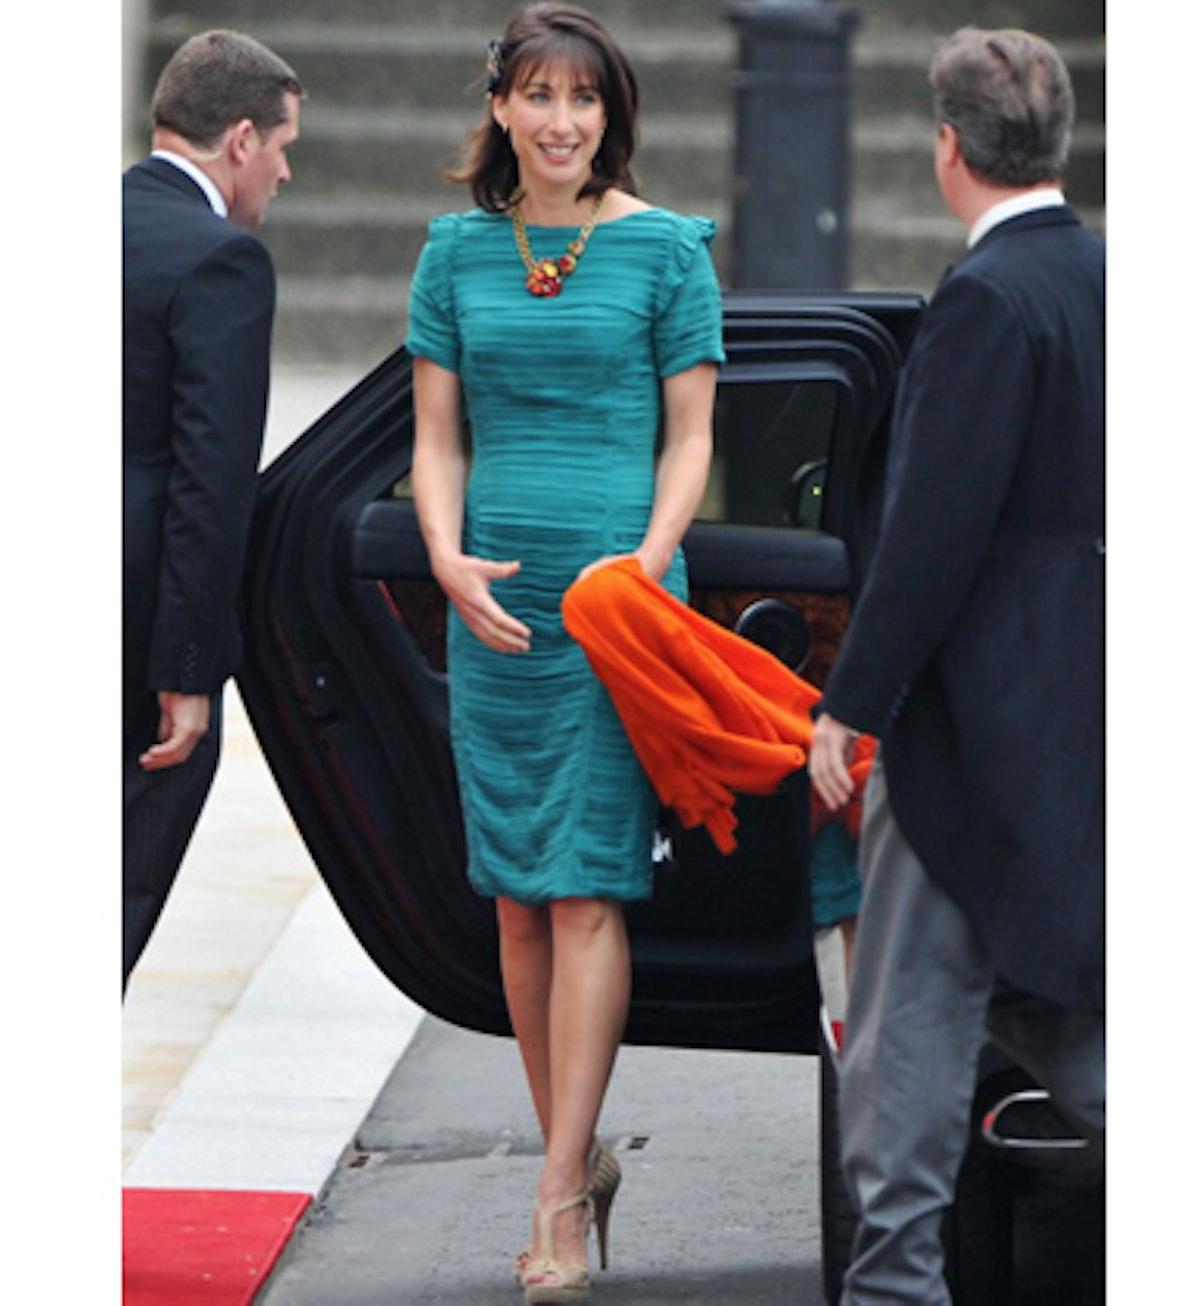 blog-royal-wedding-best-dressed-09.jpg